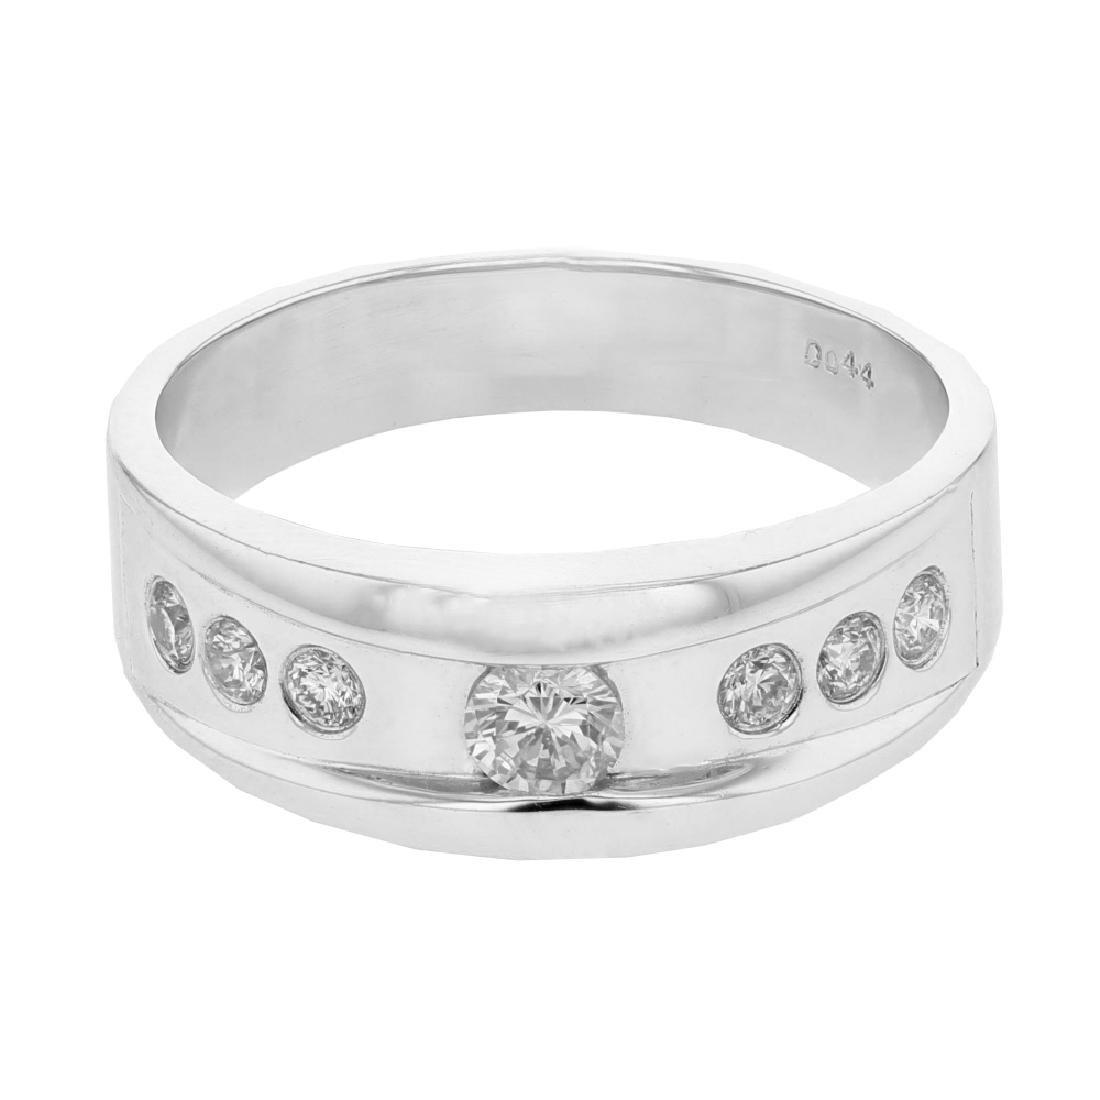 0.44 CTW 14K White Gold Ladies Ring